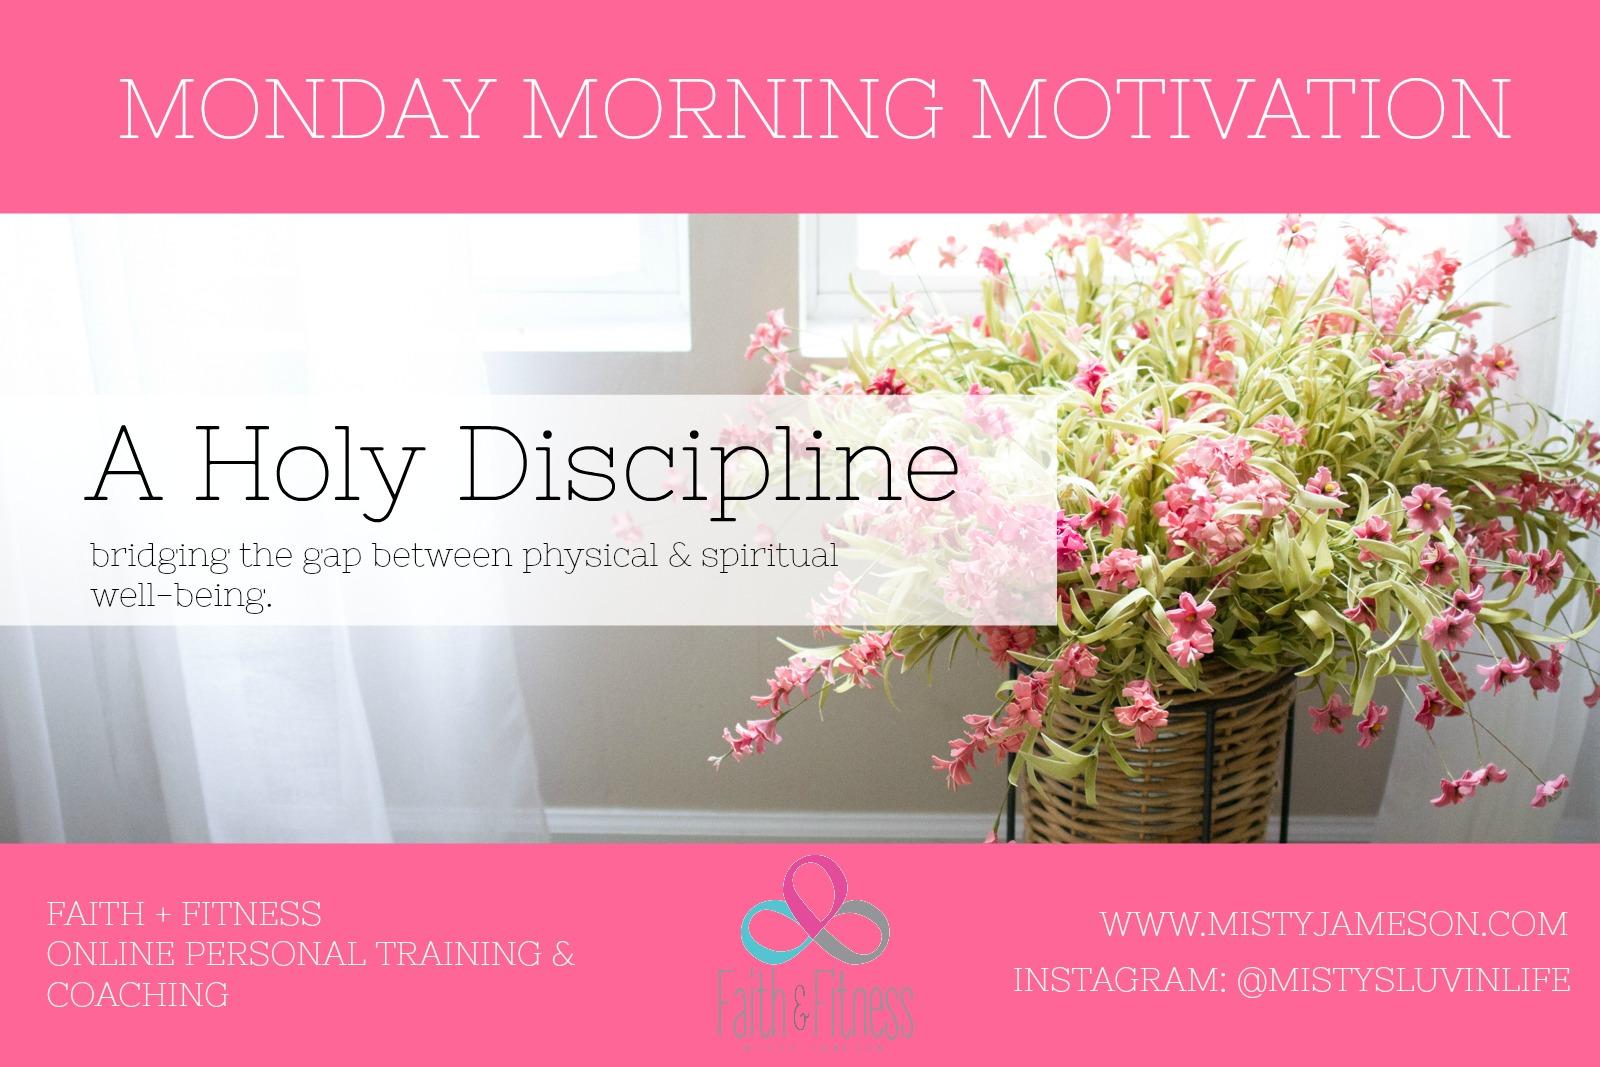 A Holy Discipline